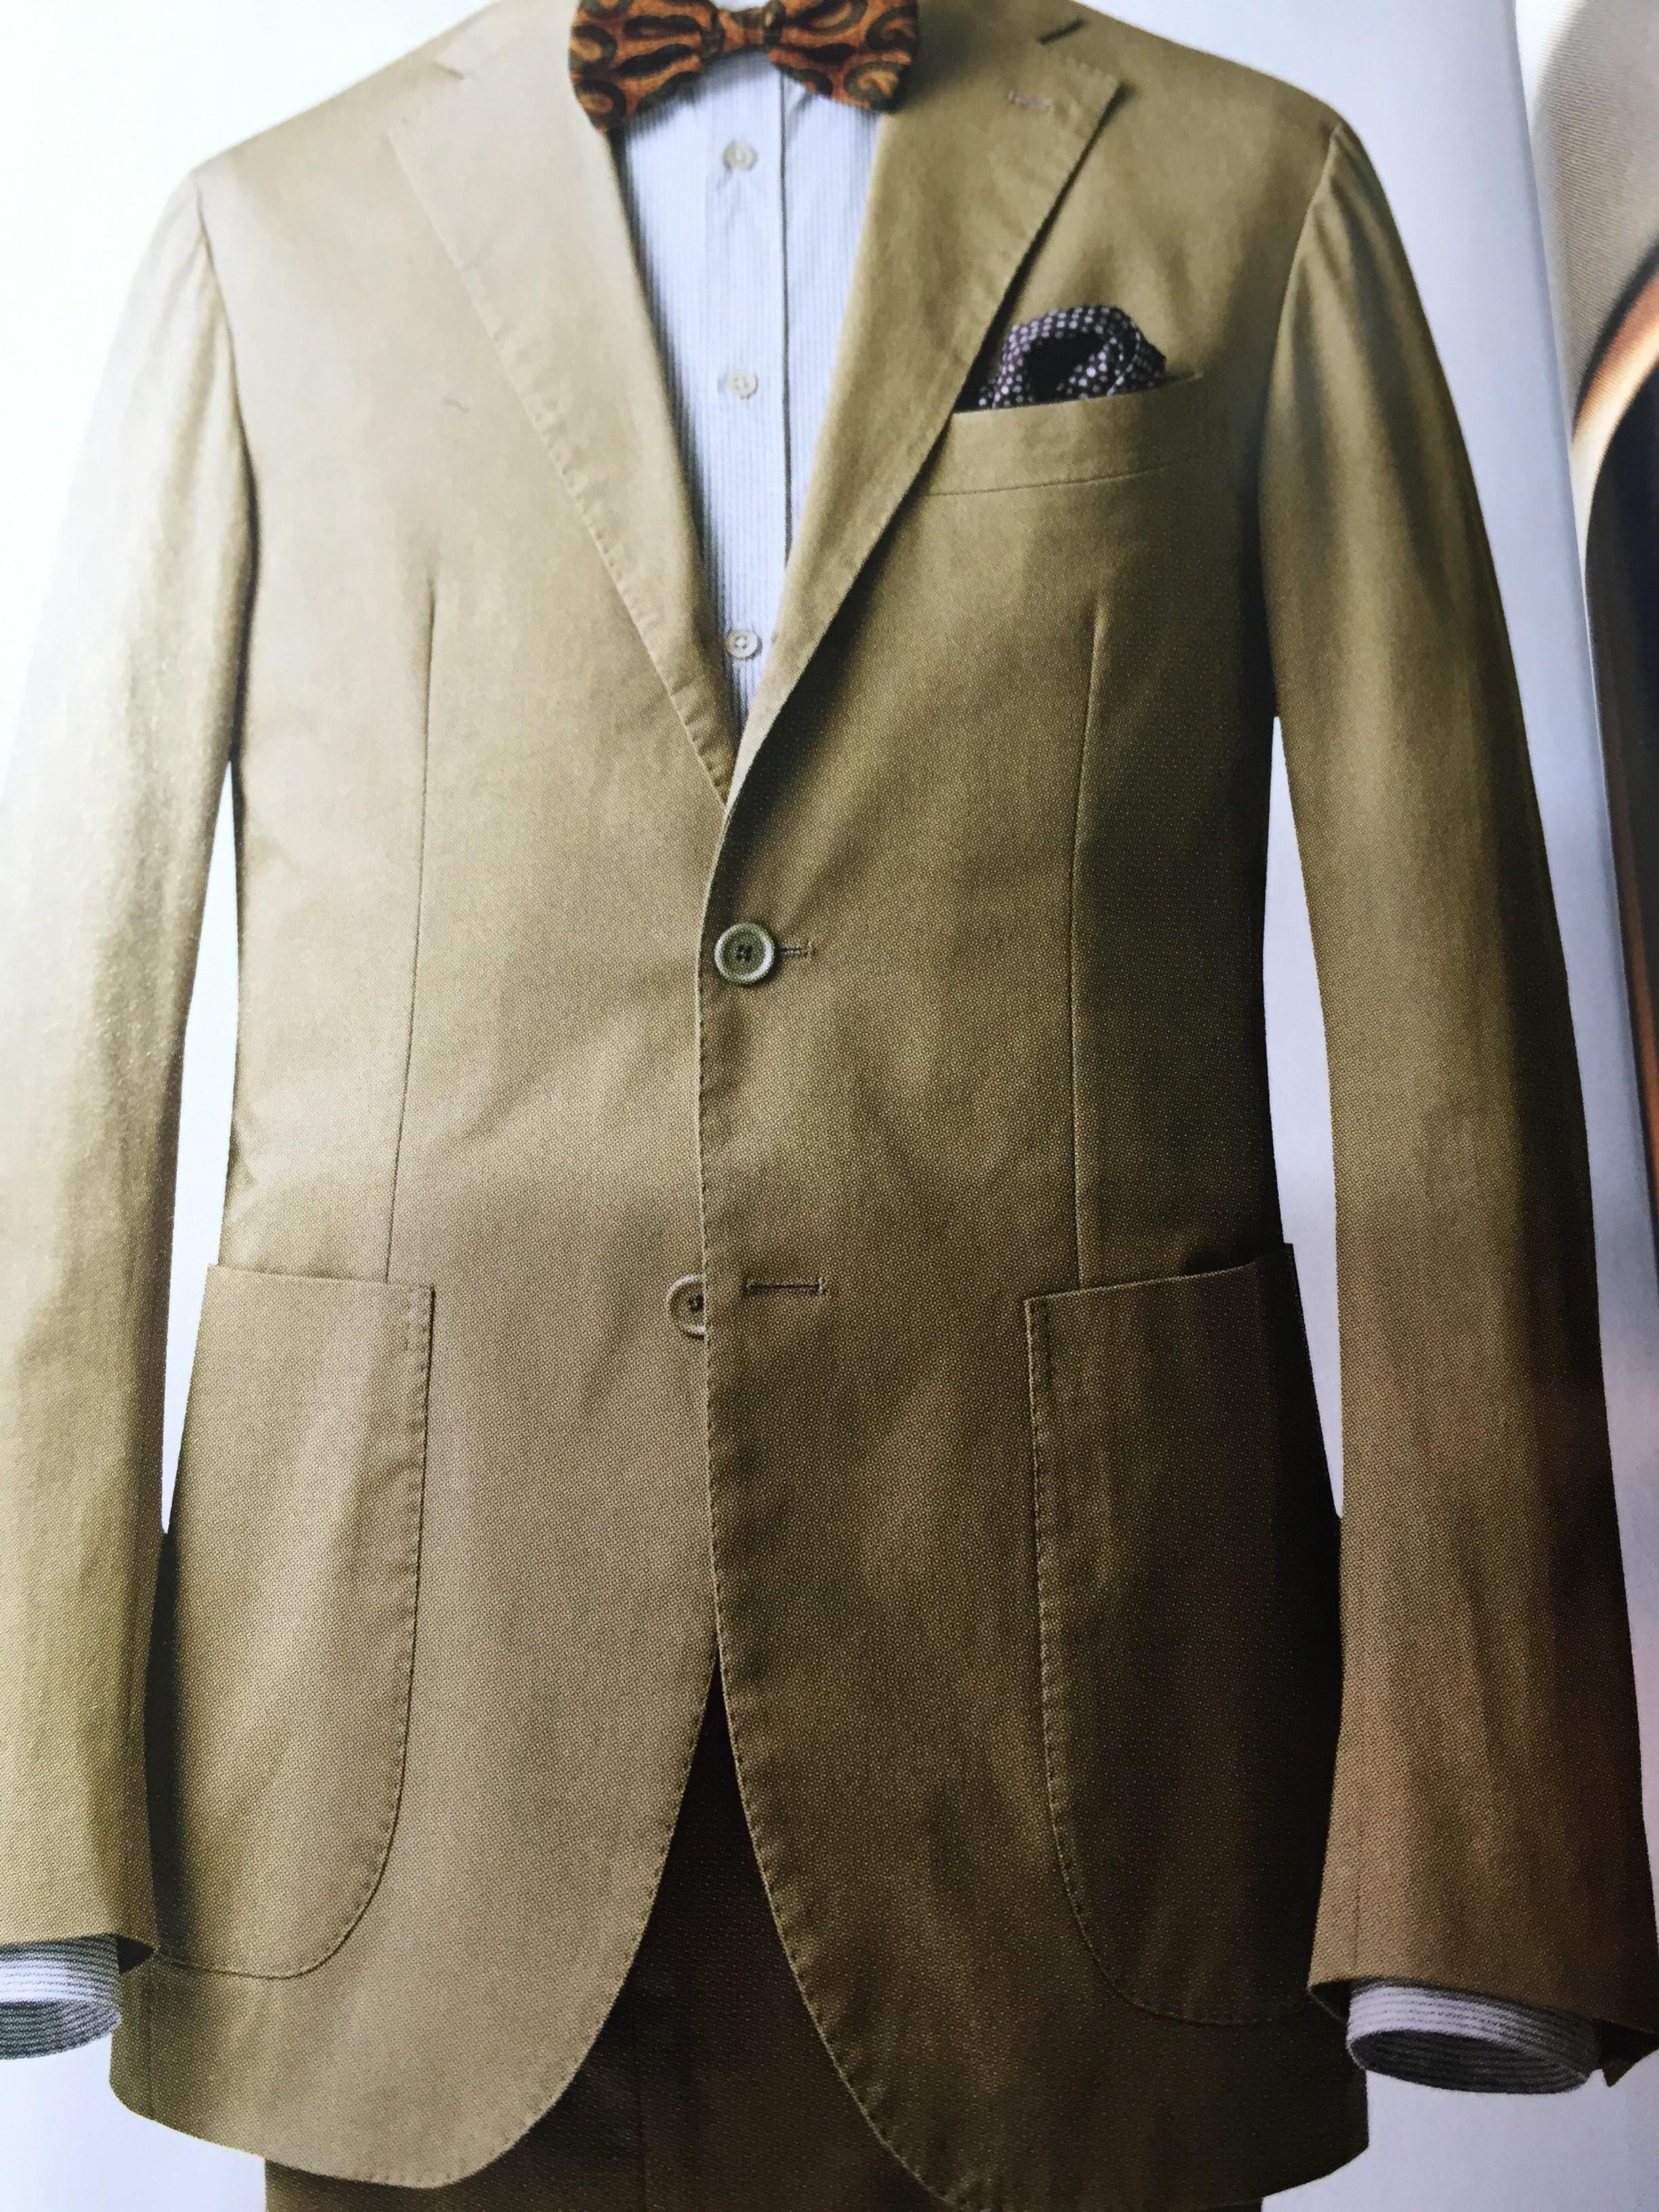 スーツのパーツを覚えておきましょう Vol4